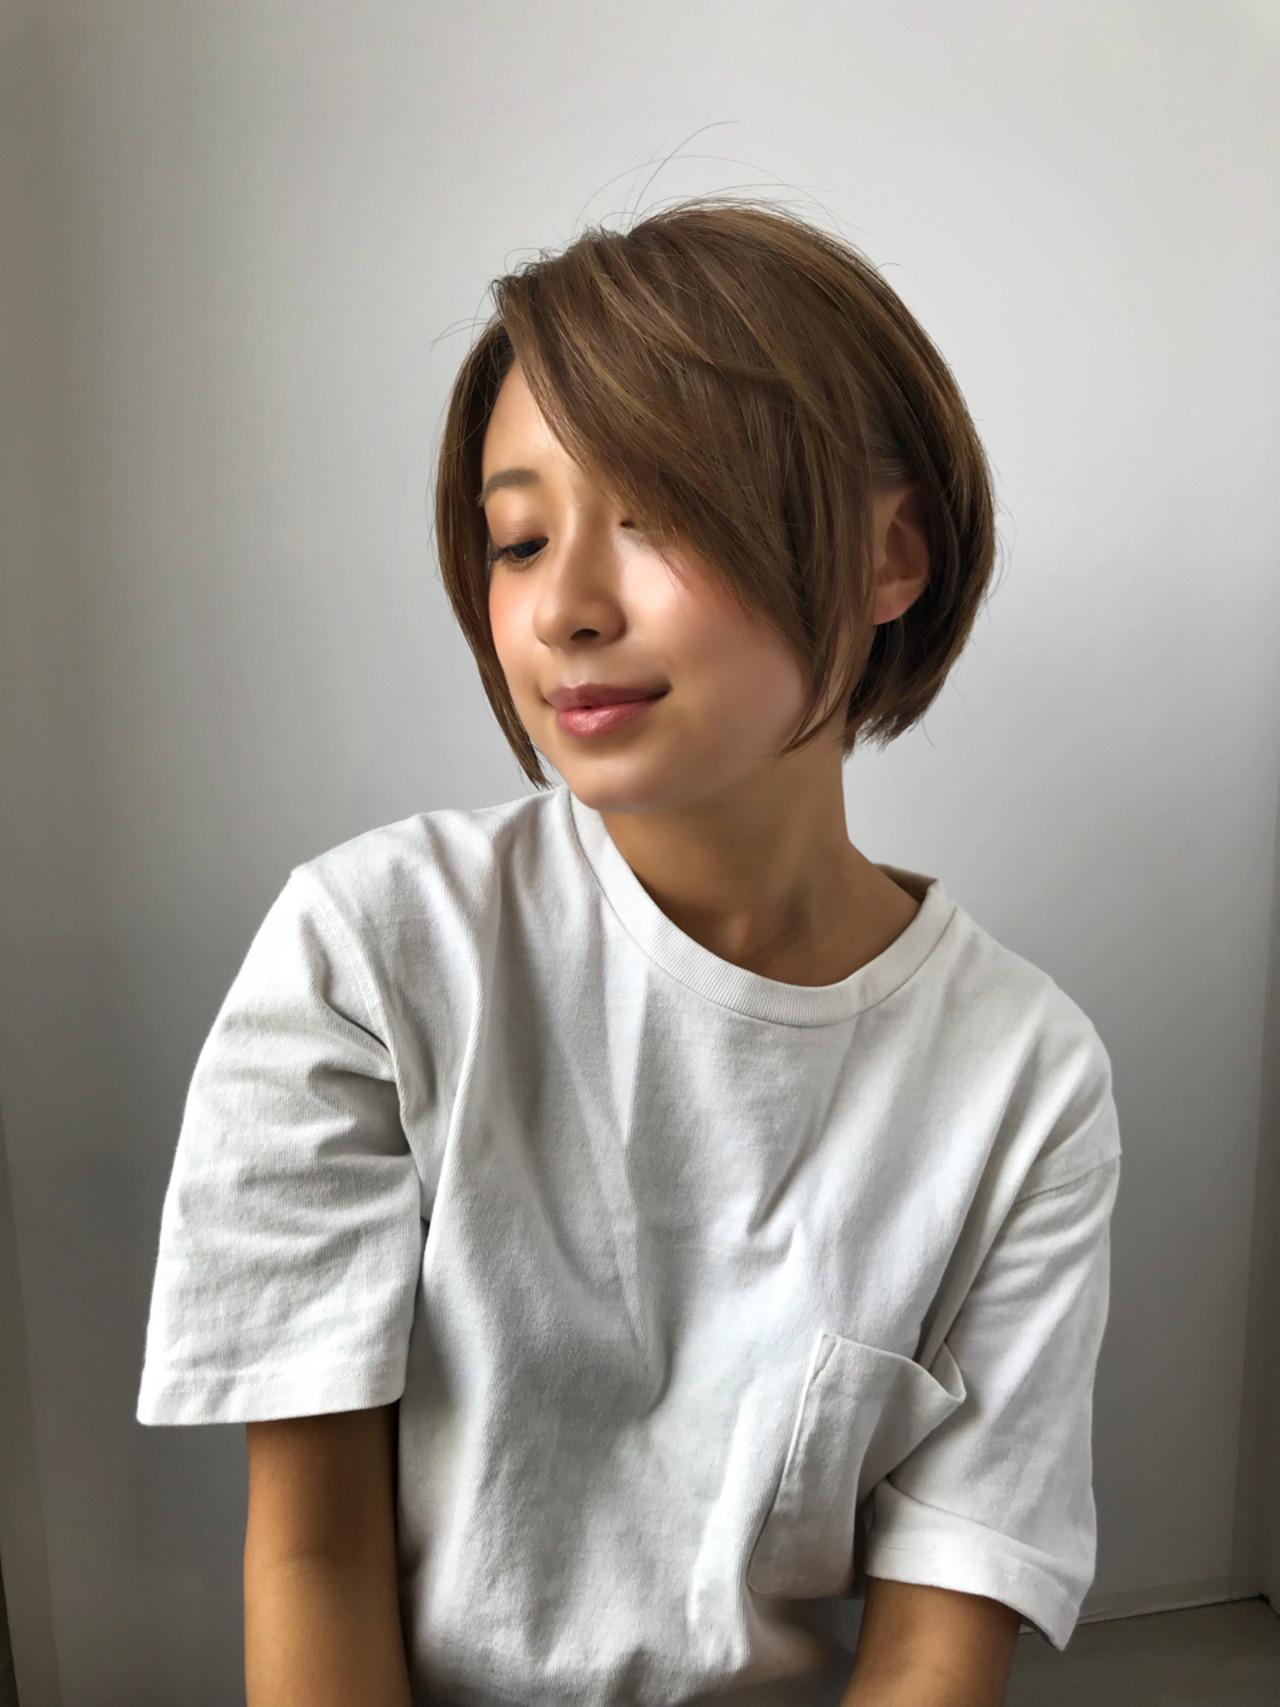 似合わせ 小顔 ショートボブ 大人女子 ヘアスタイルや髪型の写真・画像